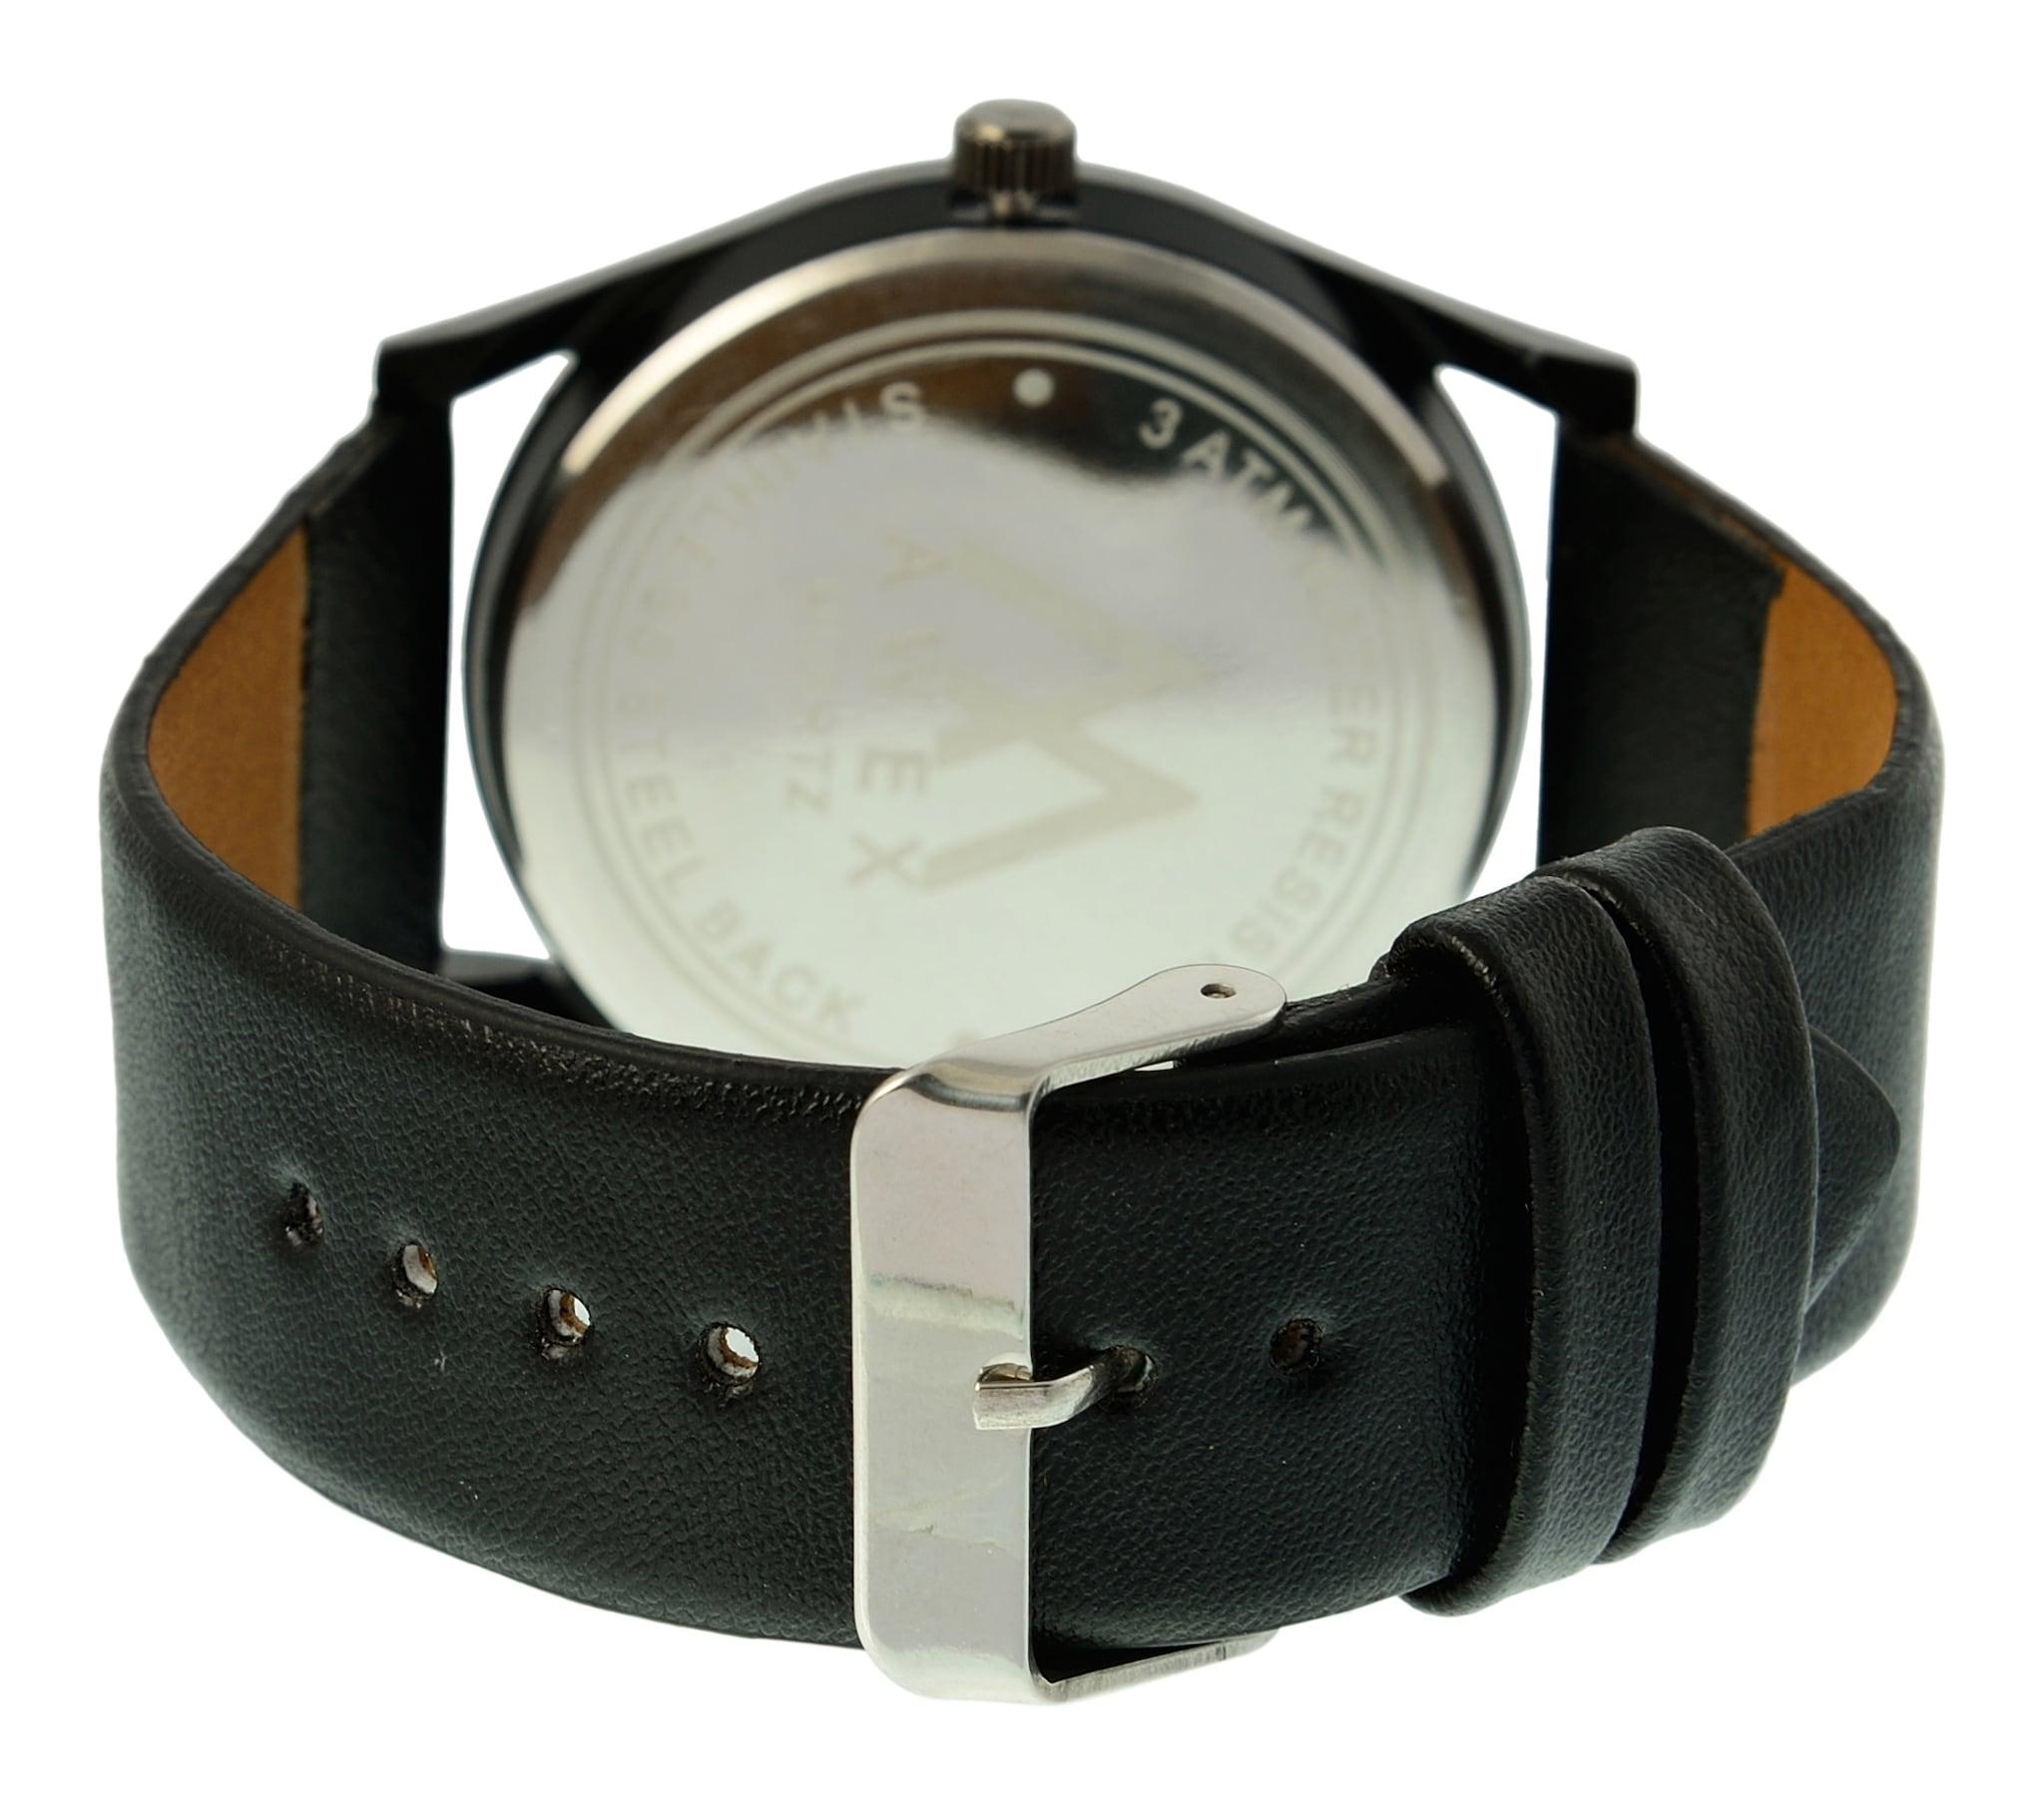 Awex Full Black Regular Timekeeping Analog Watch - For Men